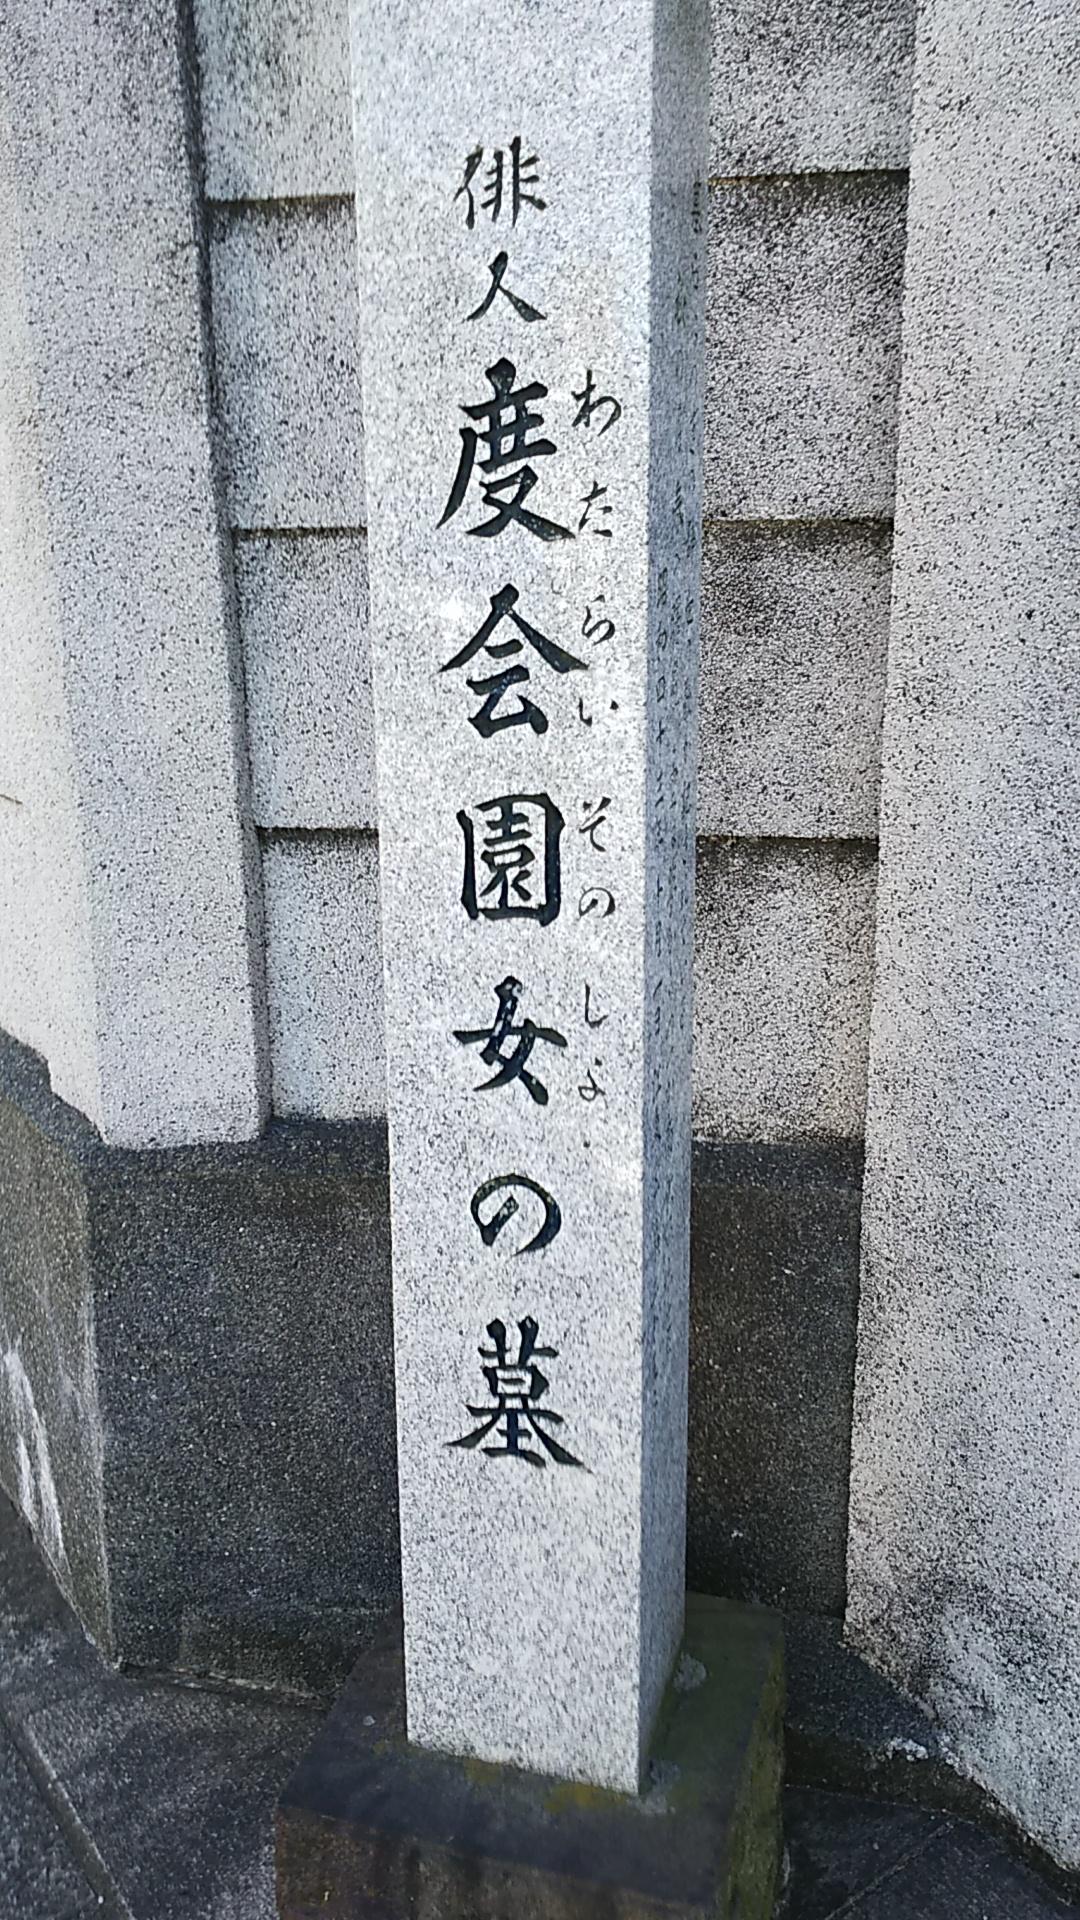 「度会園女の墓」の石碑